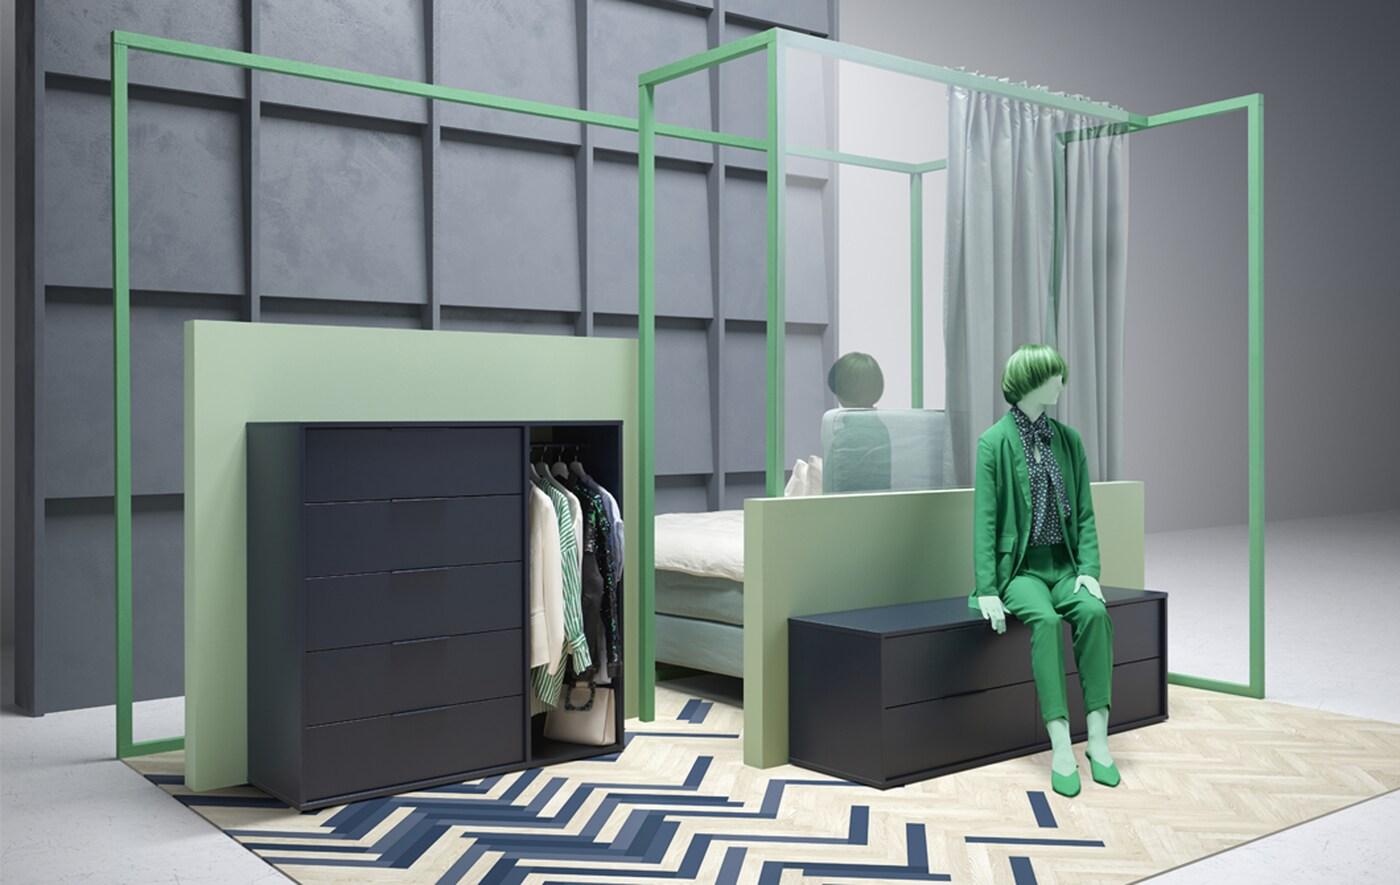 Un mannequin vêtu de vert assis sur une commode basse, à côté d'une commode plus haute avec des tiroirs et des vêtements qui y sont suspendus.